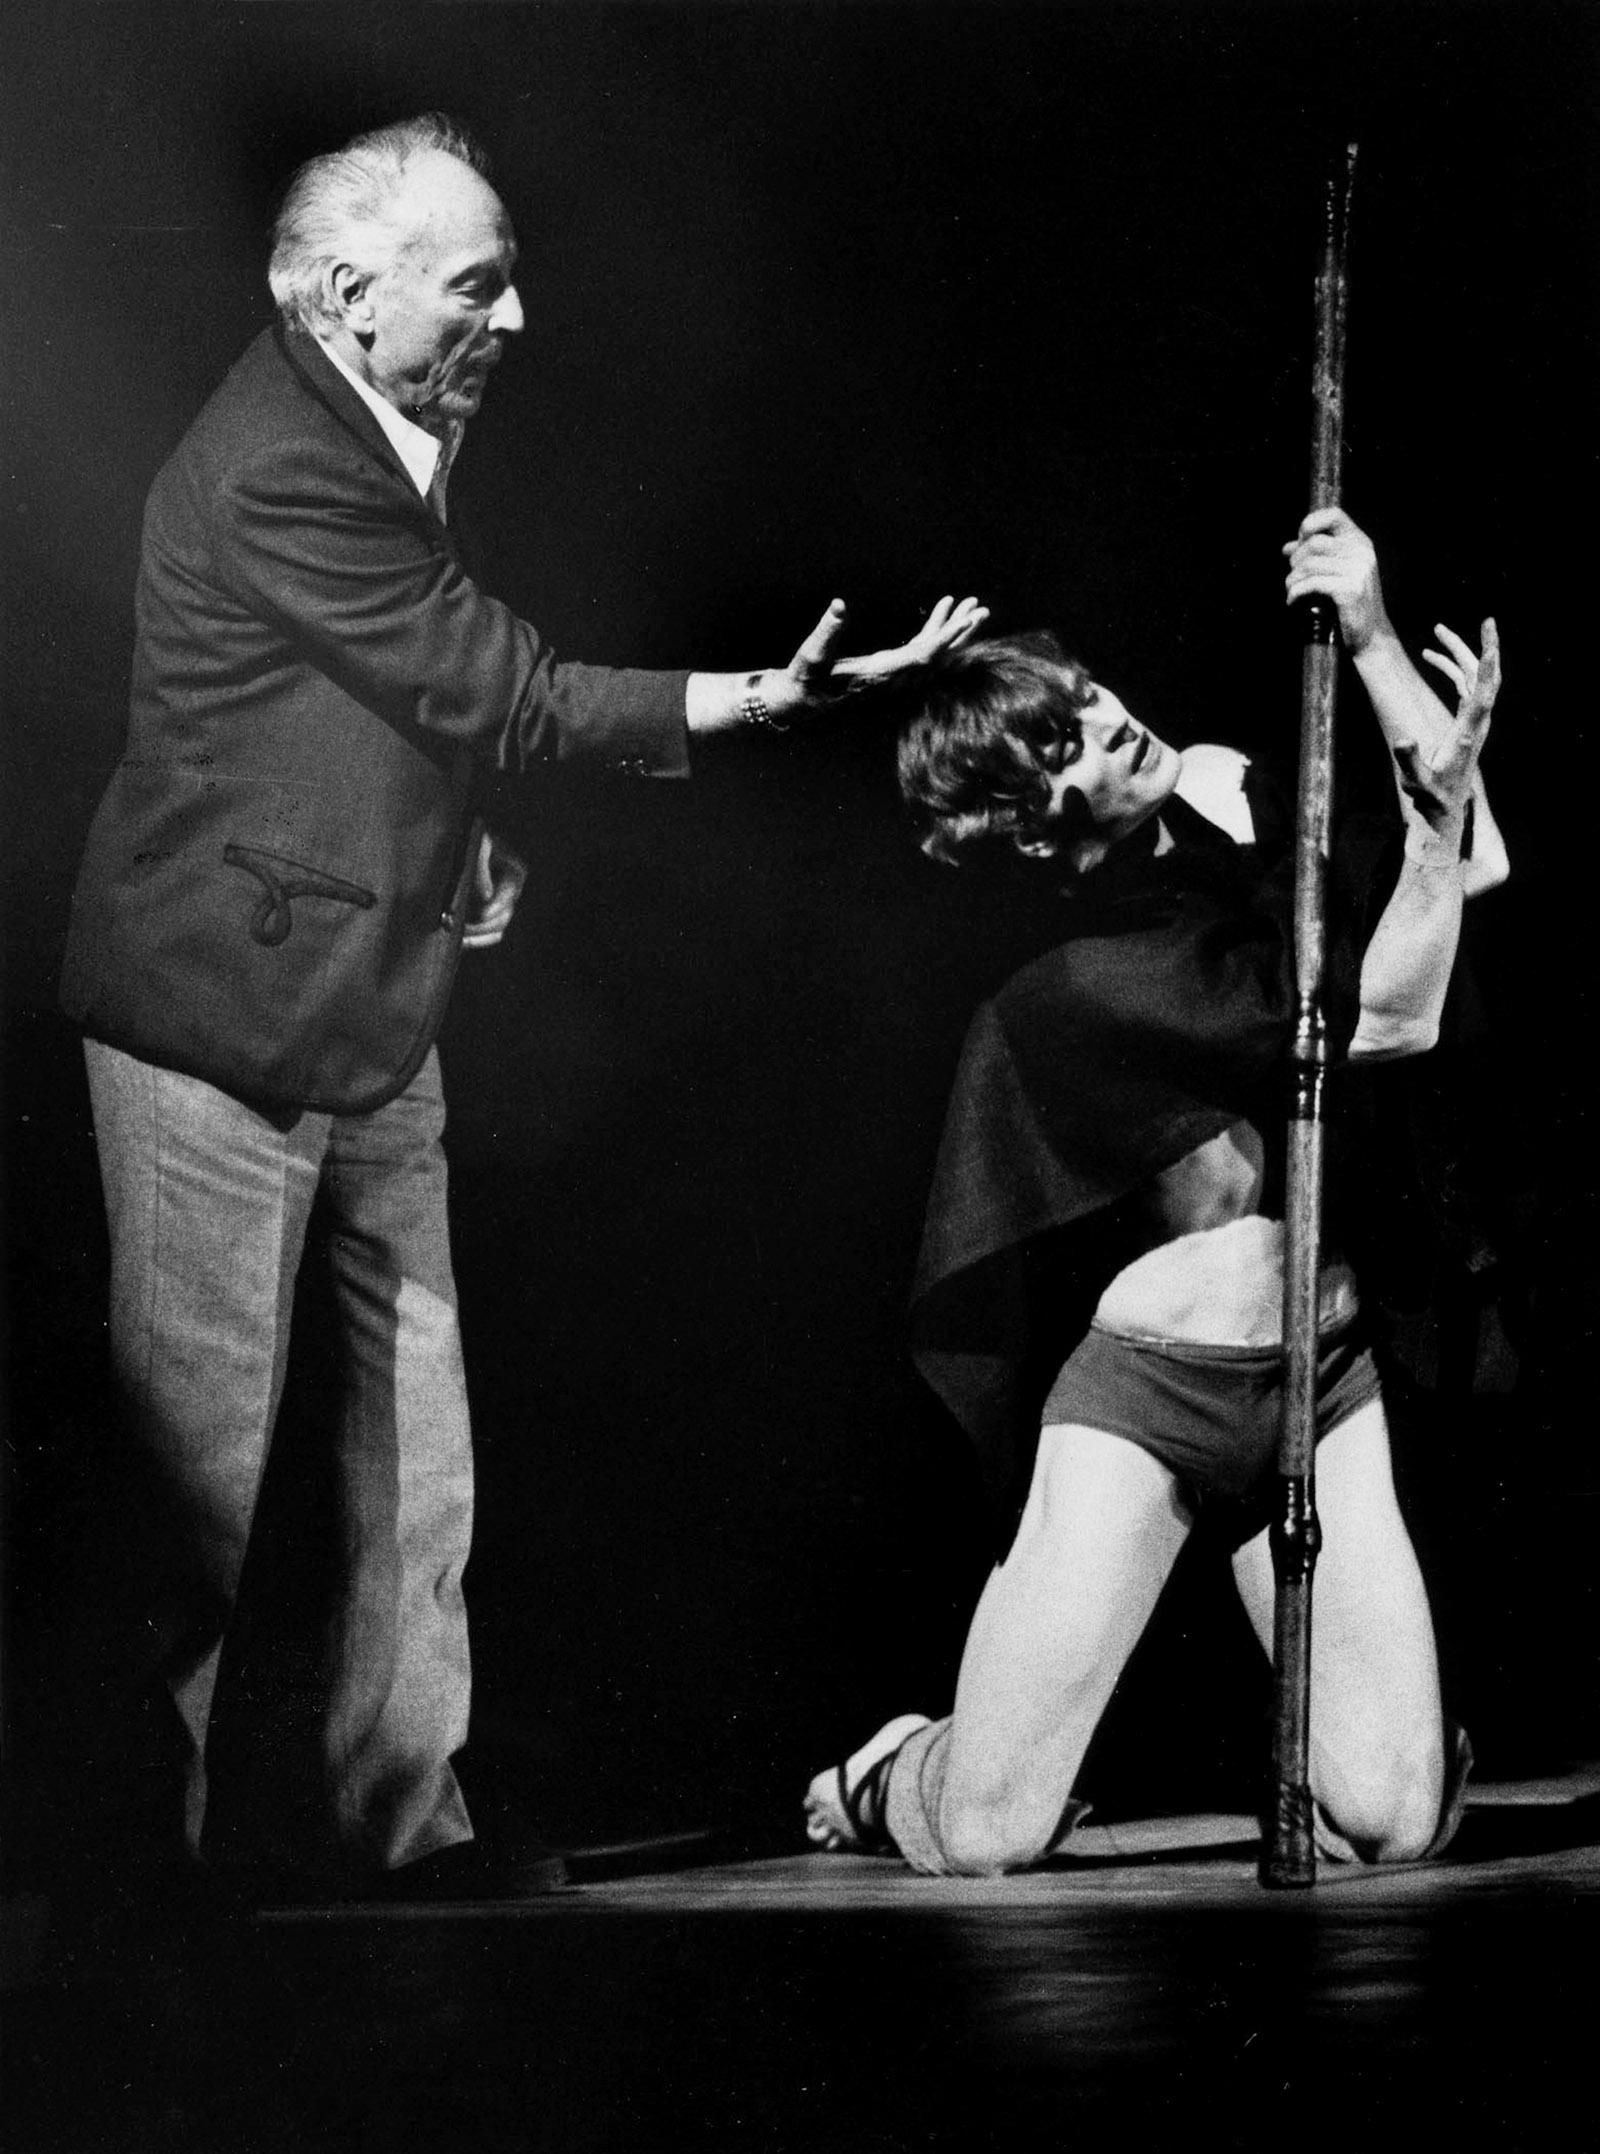 In Balanchine's Company: A Dancer's Memoir